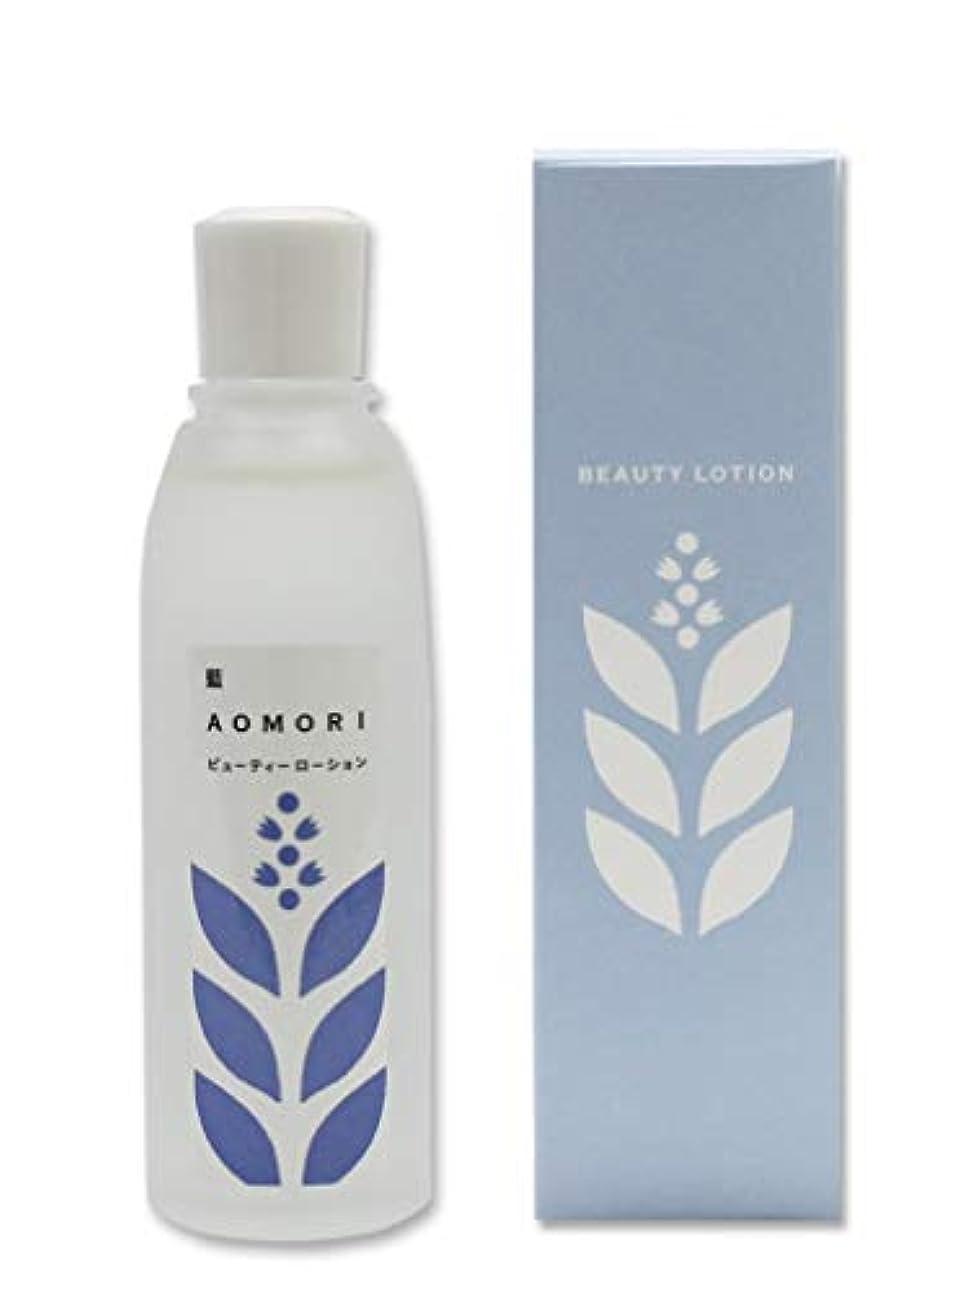 本質的にクロス水分藍 AOMORI(アイ アオモリ) ビューティローション 化粧水 120ml